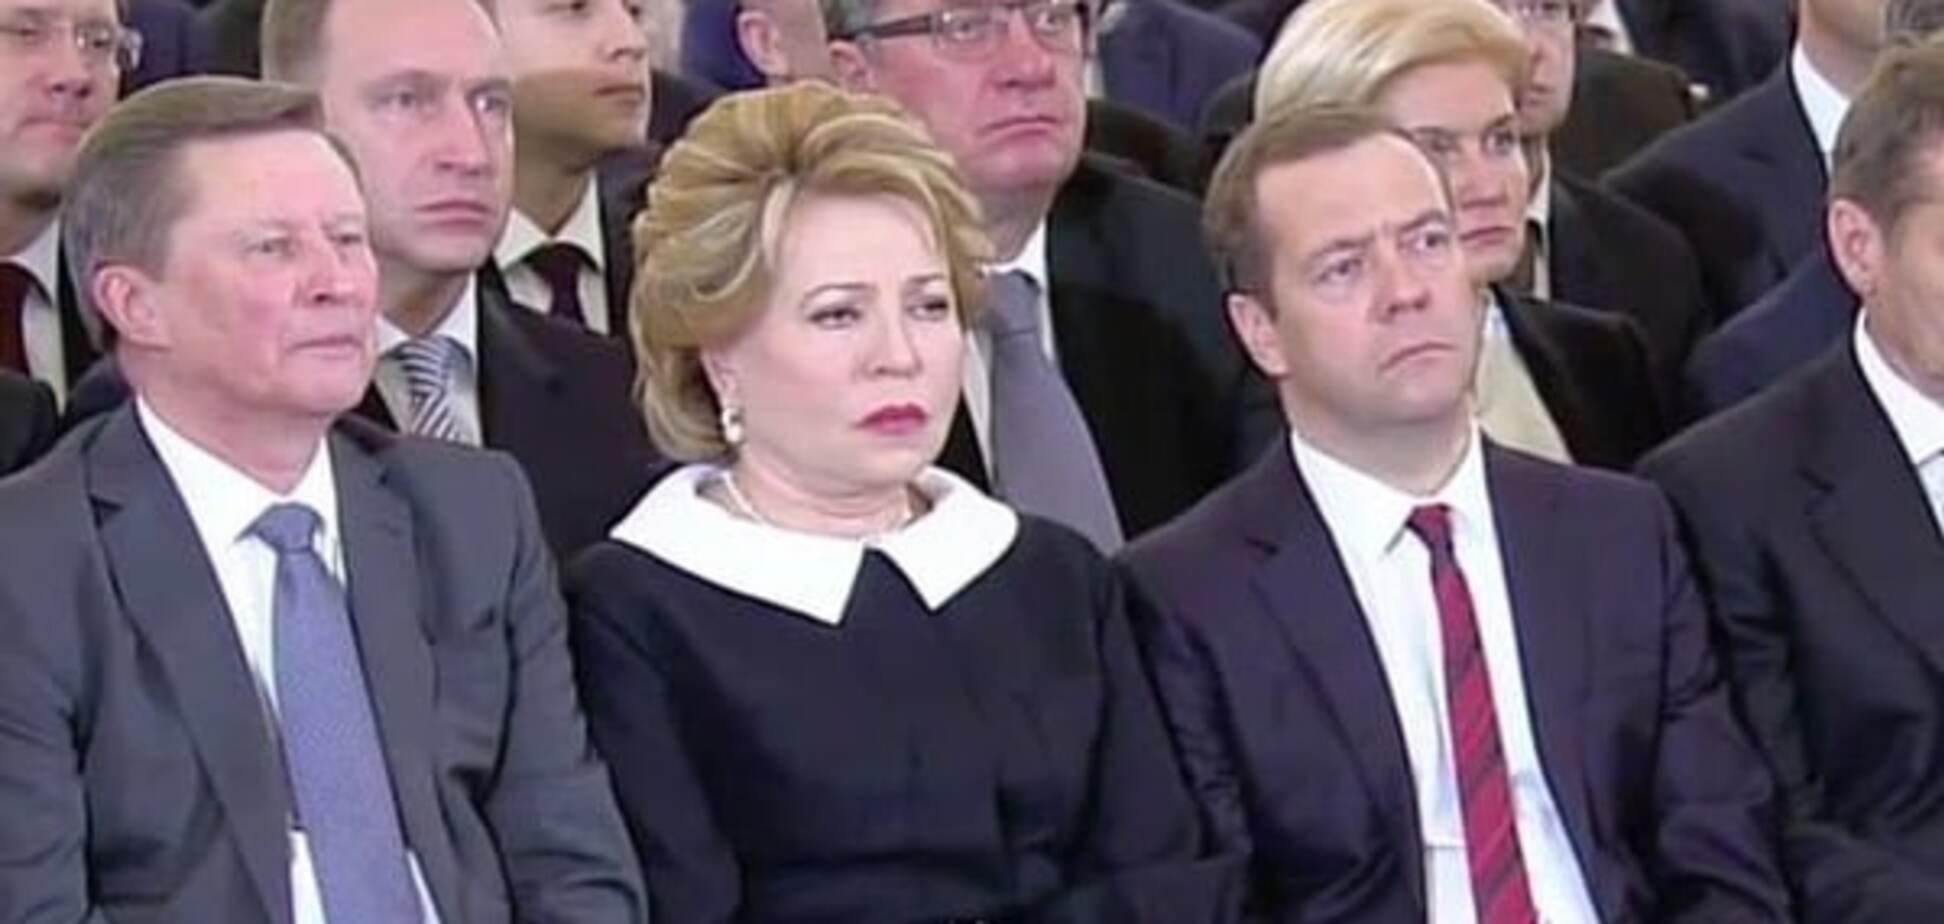 Медведєв і Ко зробили 'траурні' обличчя під час виступу Путіна: фотофакт